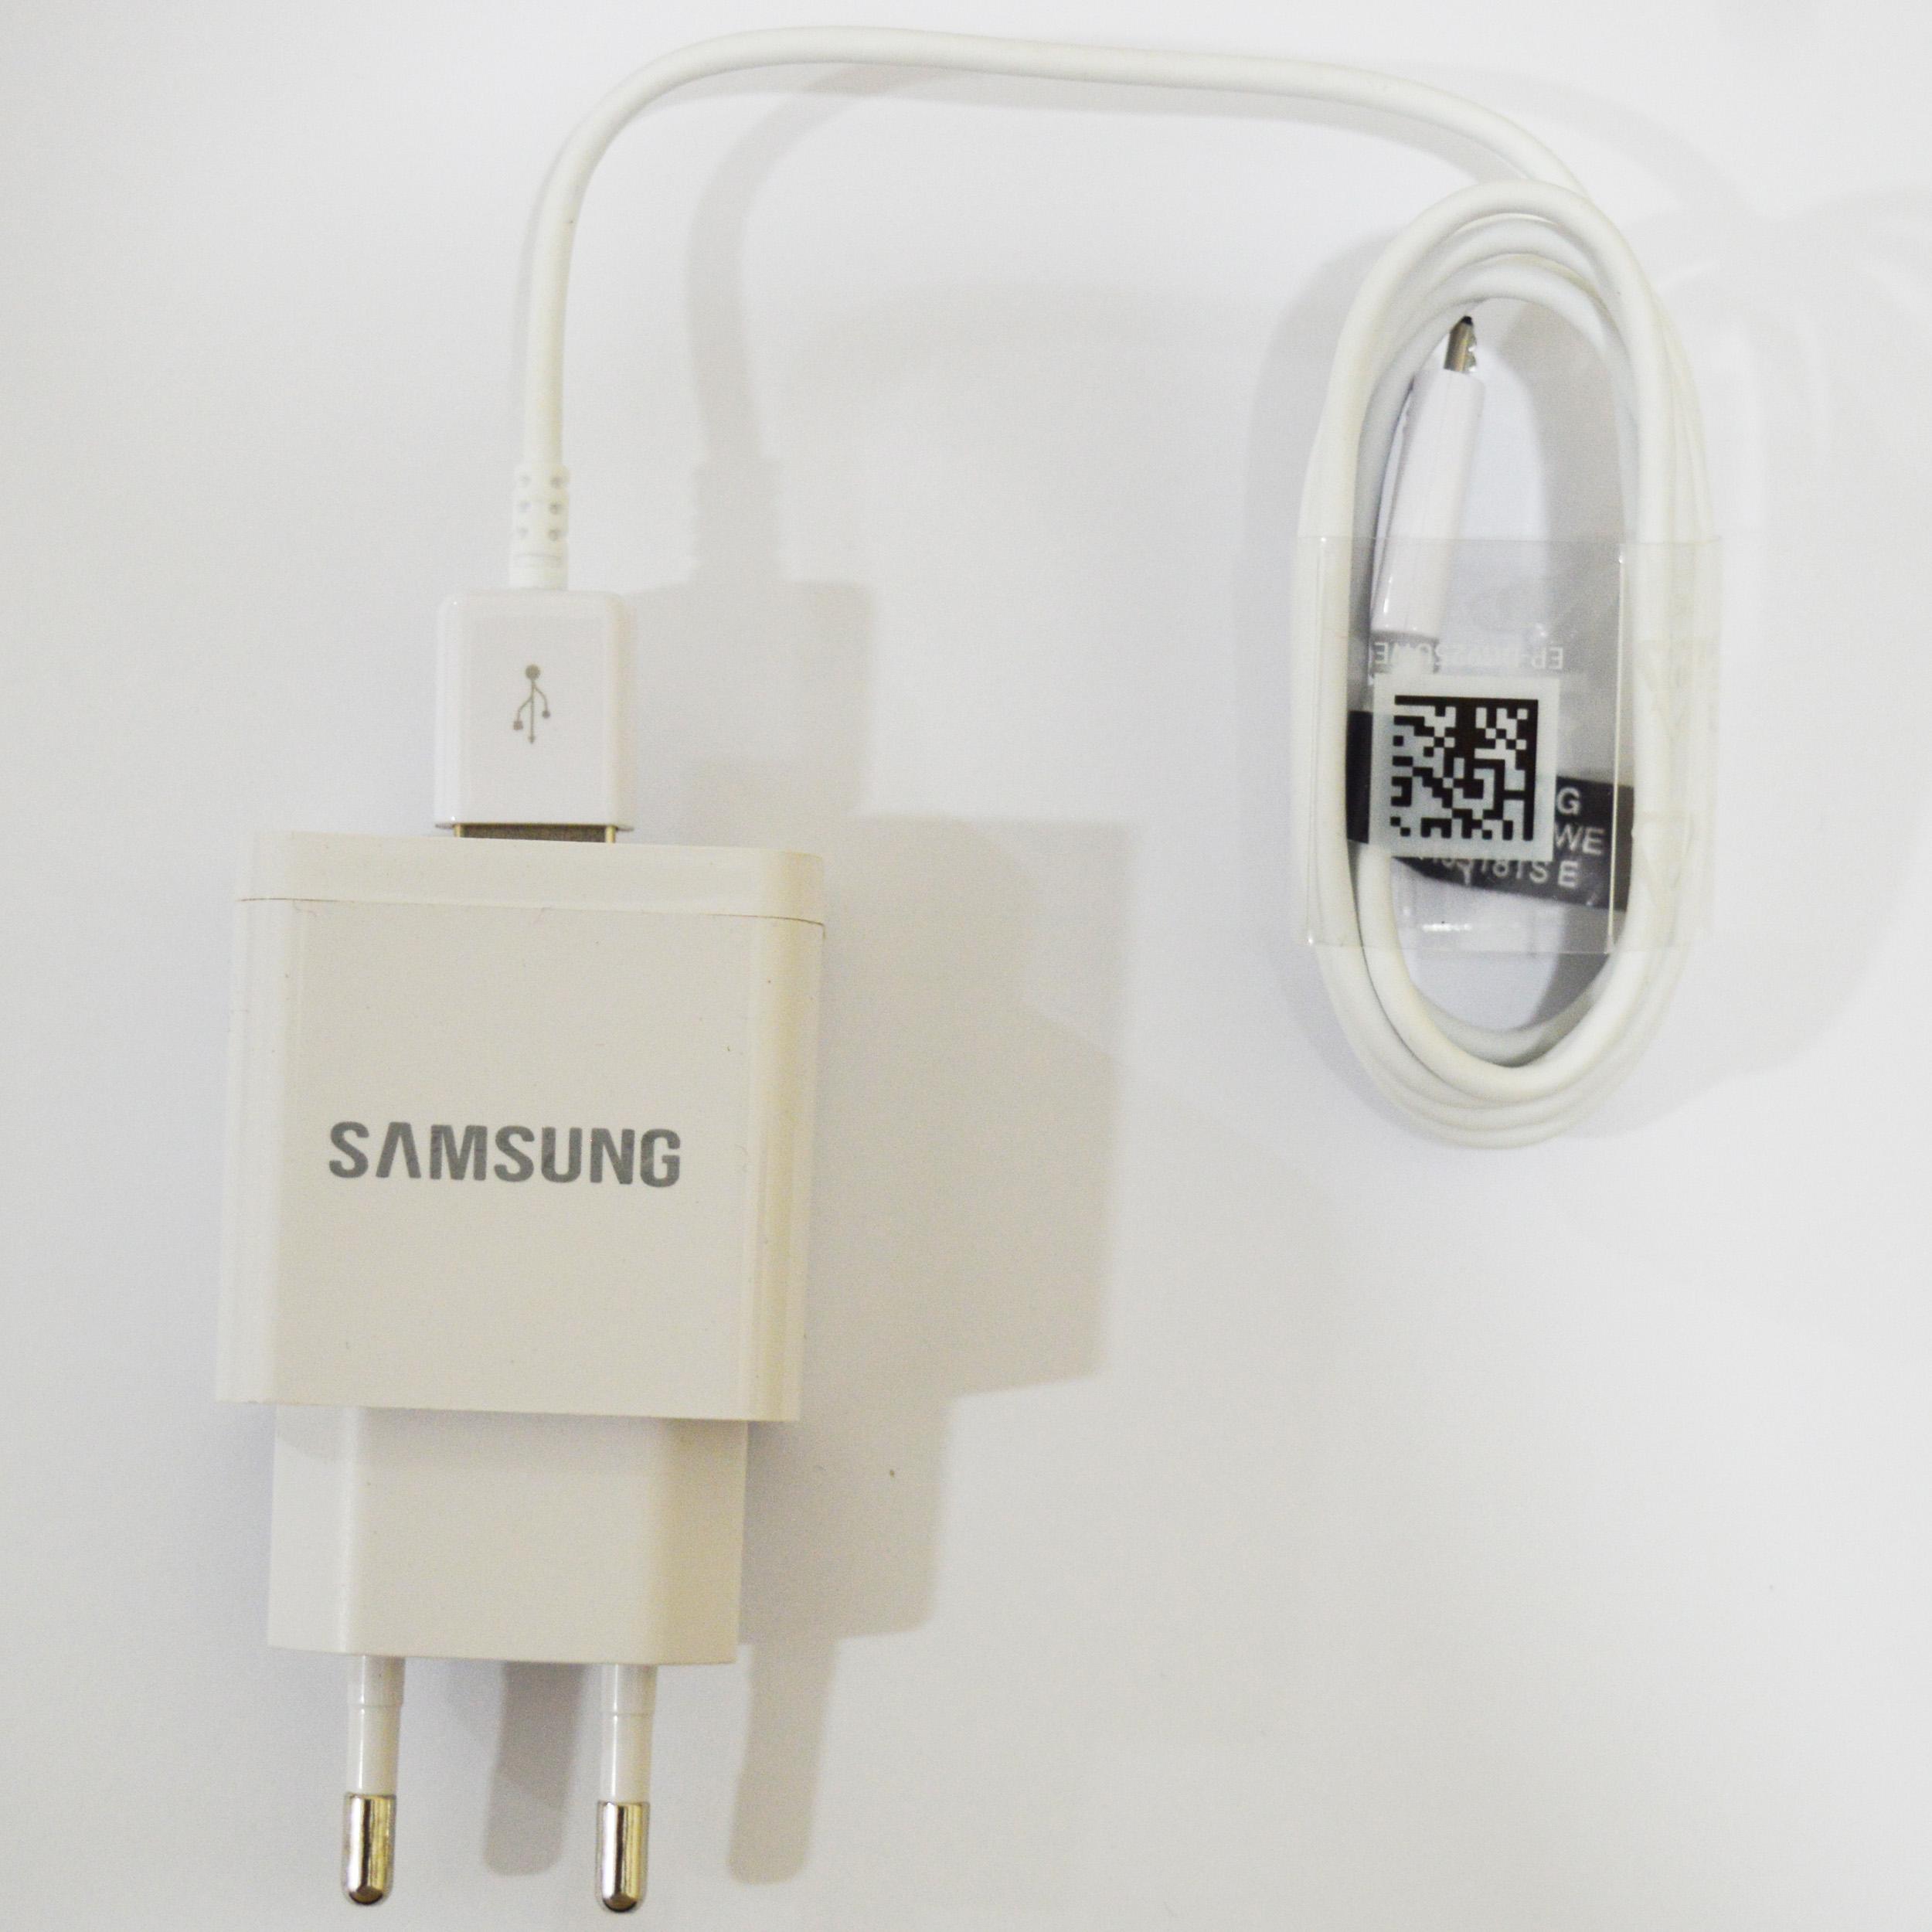 شارژر دیواری سامسونگ مدل 800EWE به همراه کابل تبدیل microUSB main 1 3